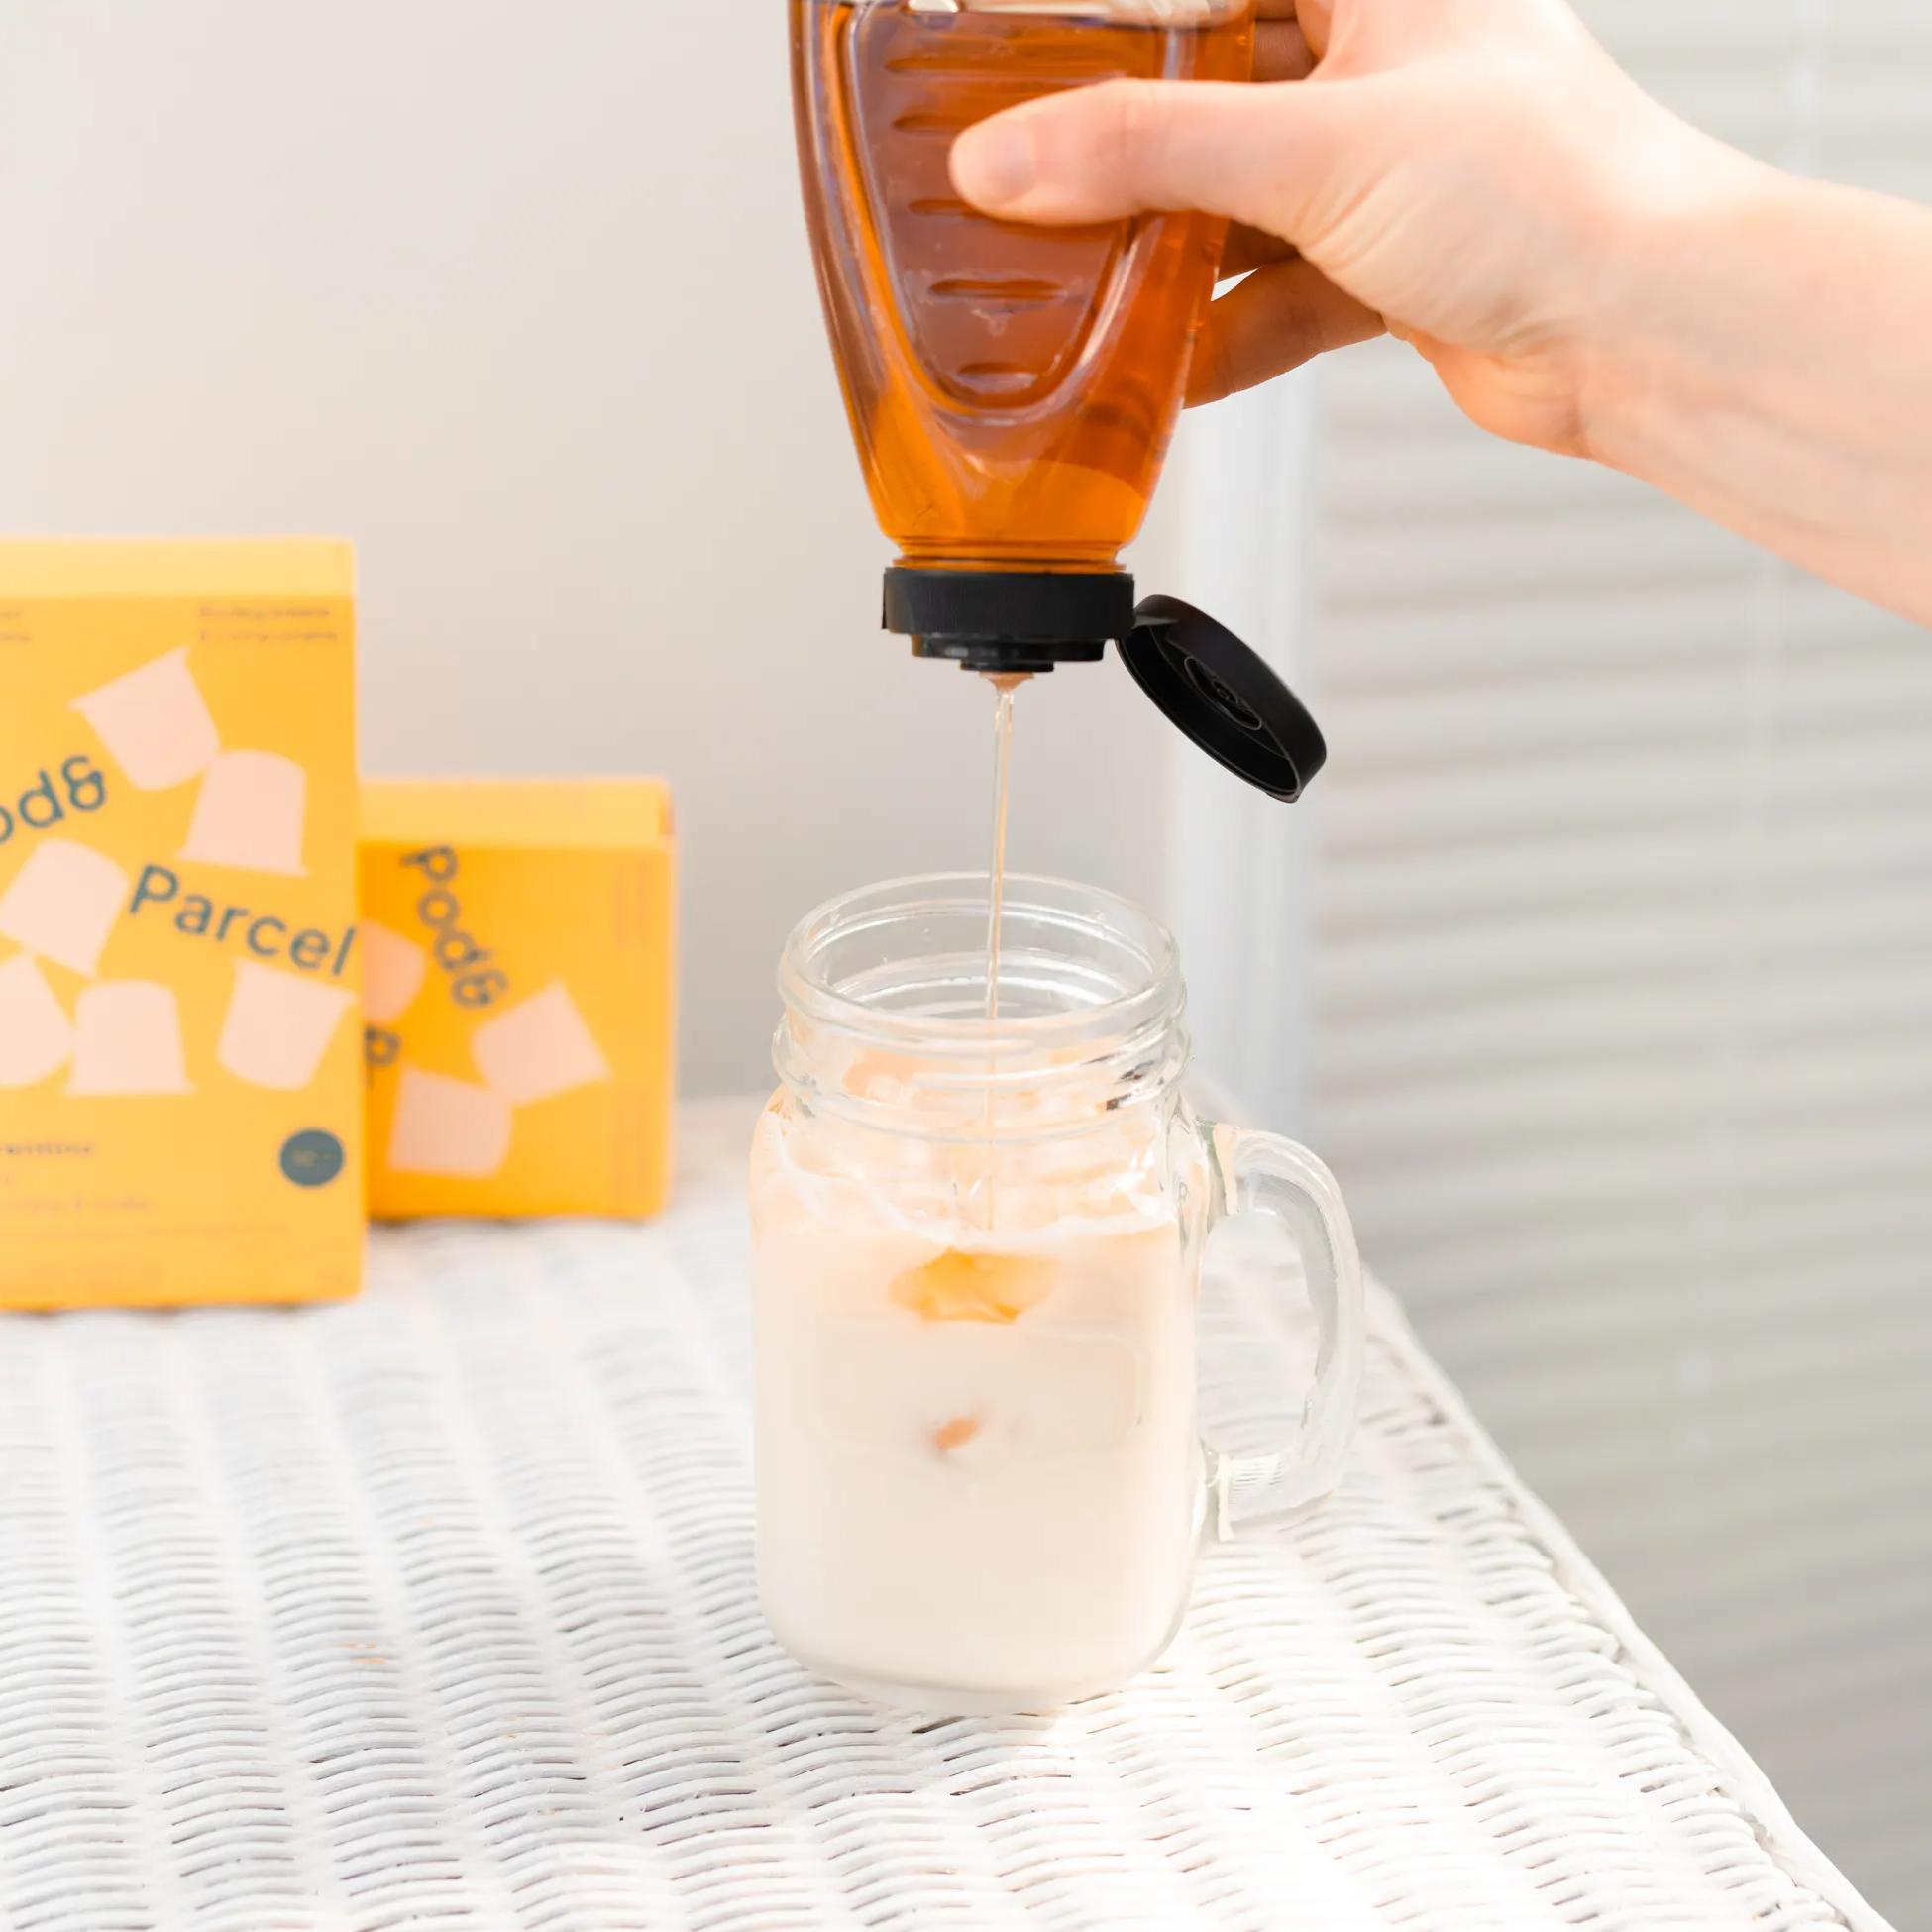 add a dash of caramel